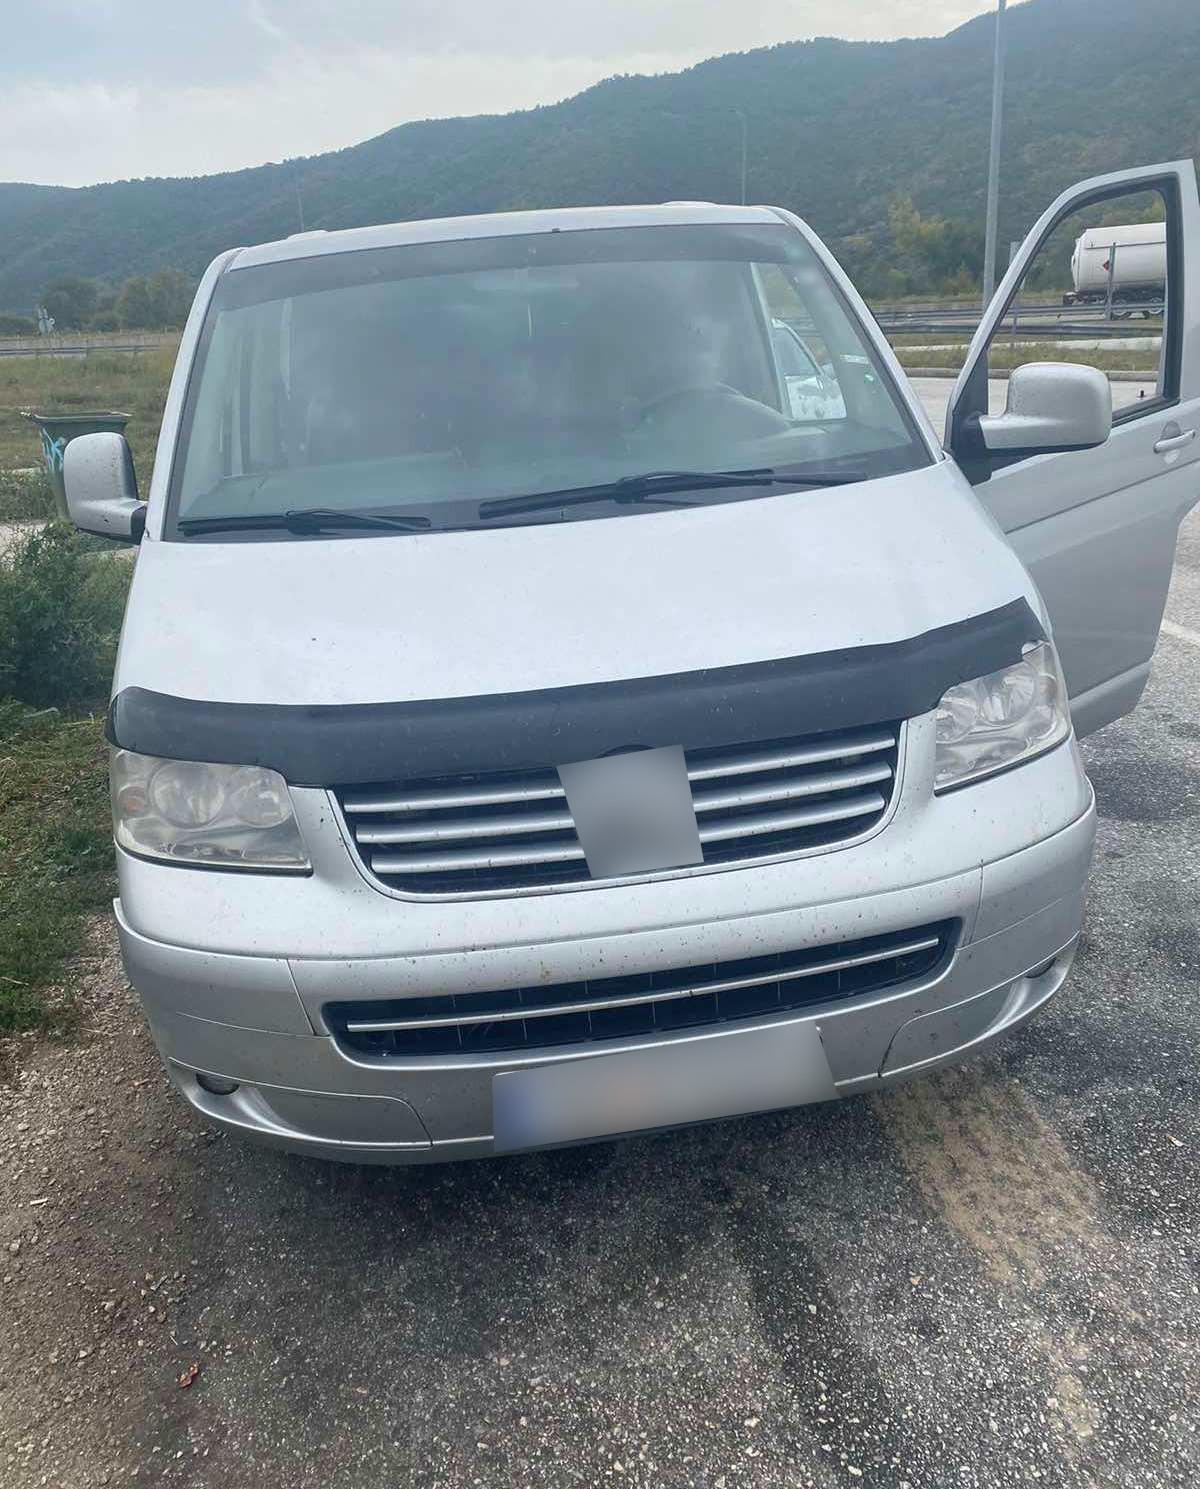 Νέες συλλήψεις διακινητών σε Έβρο και Καβάλα